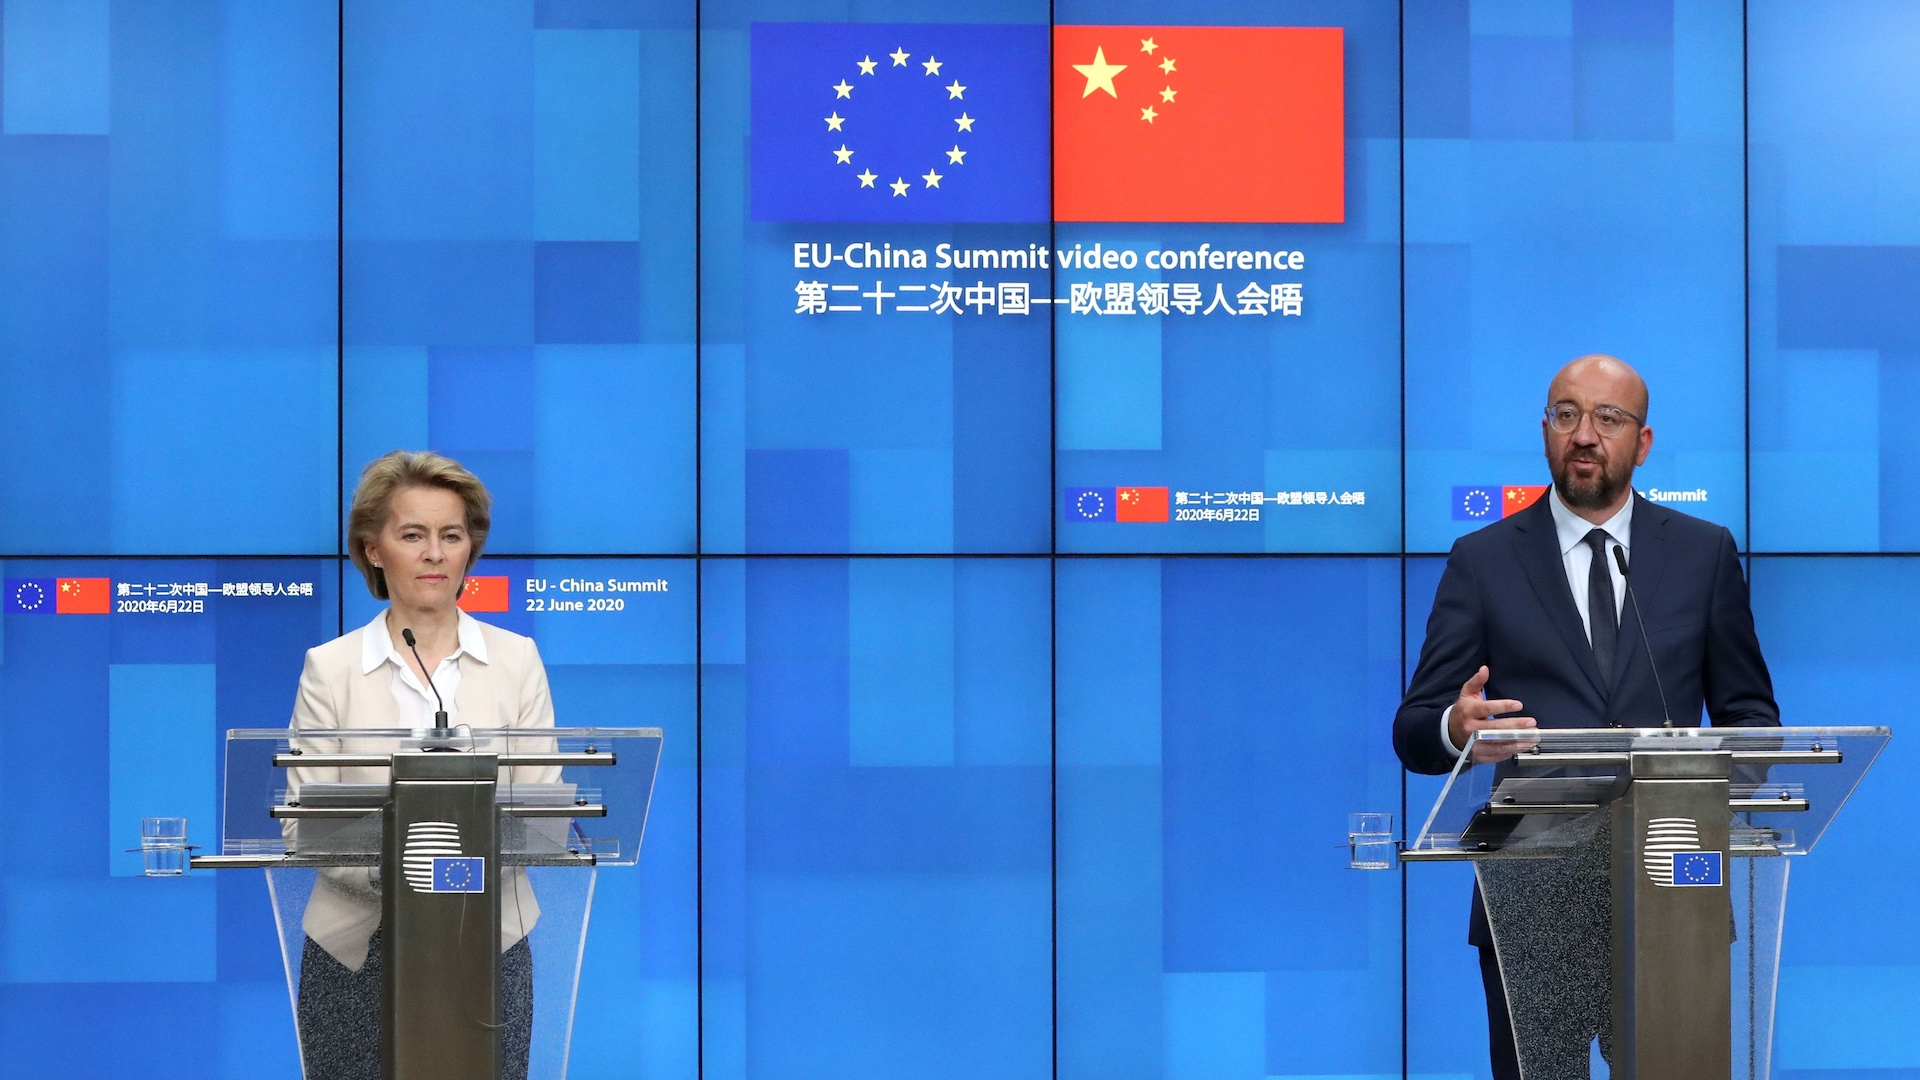 La présidente de la Commission européenne Ursula Von der Leyen et le président du Conseil européen Charles Michel après le sommet Chine-UE en visioconférence avec le président chinois Xi Jinping et son Premier ministre Li Keqiang, le 22 juin 2020. (Source : CGTN)